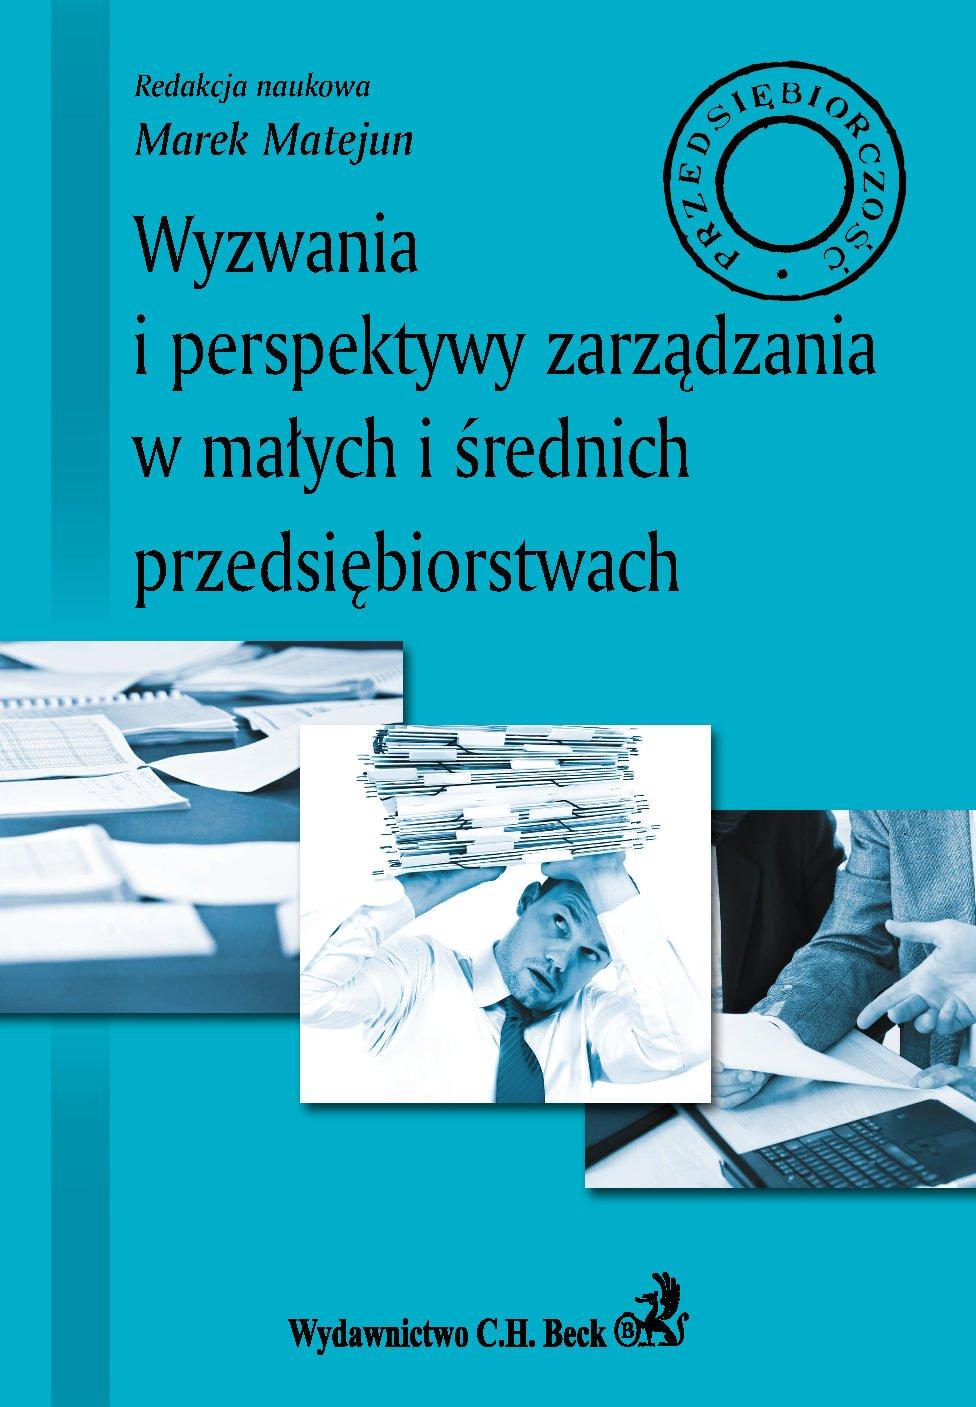 Wyzwania i perspektywy zarządzania w małych i średnich przedsiębiorstwach - Ebook (Książka PDF) do pobrania w formacie PDF